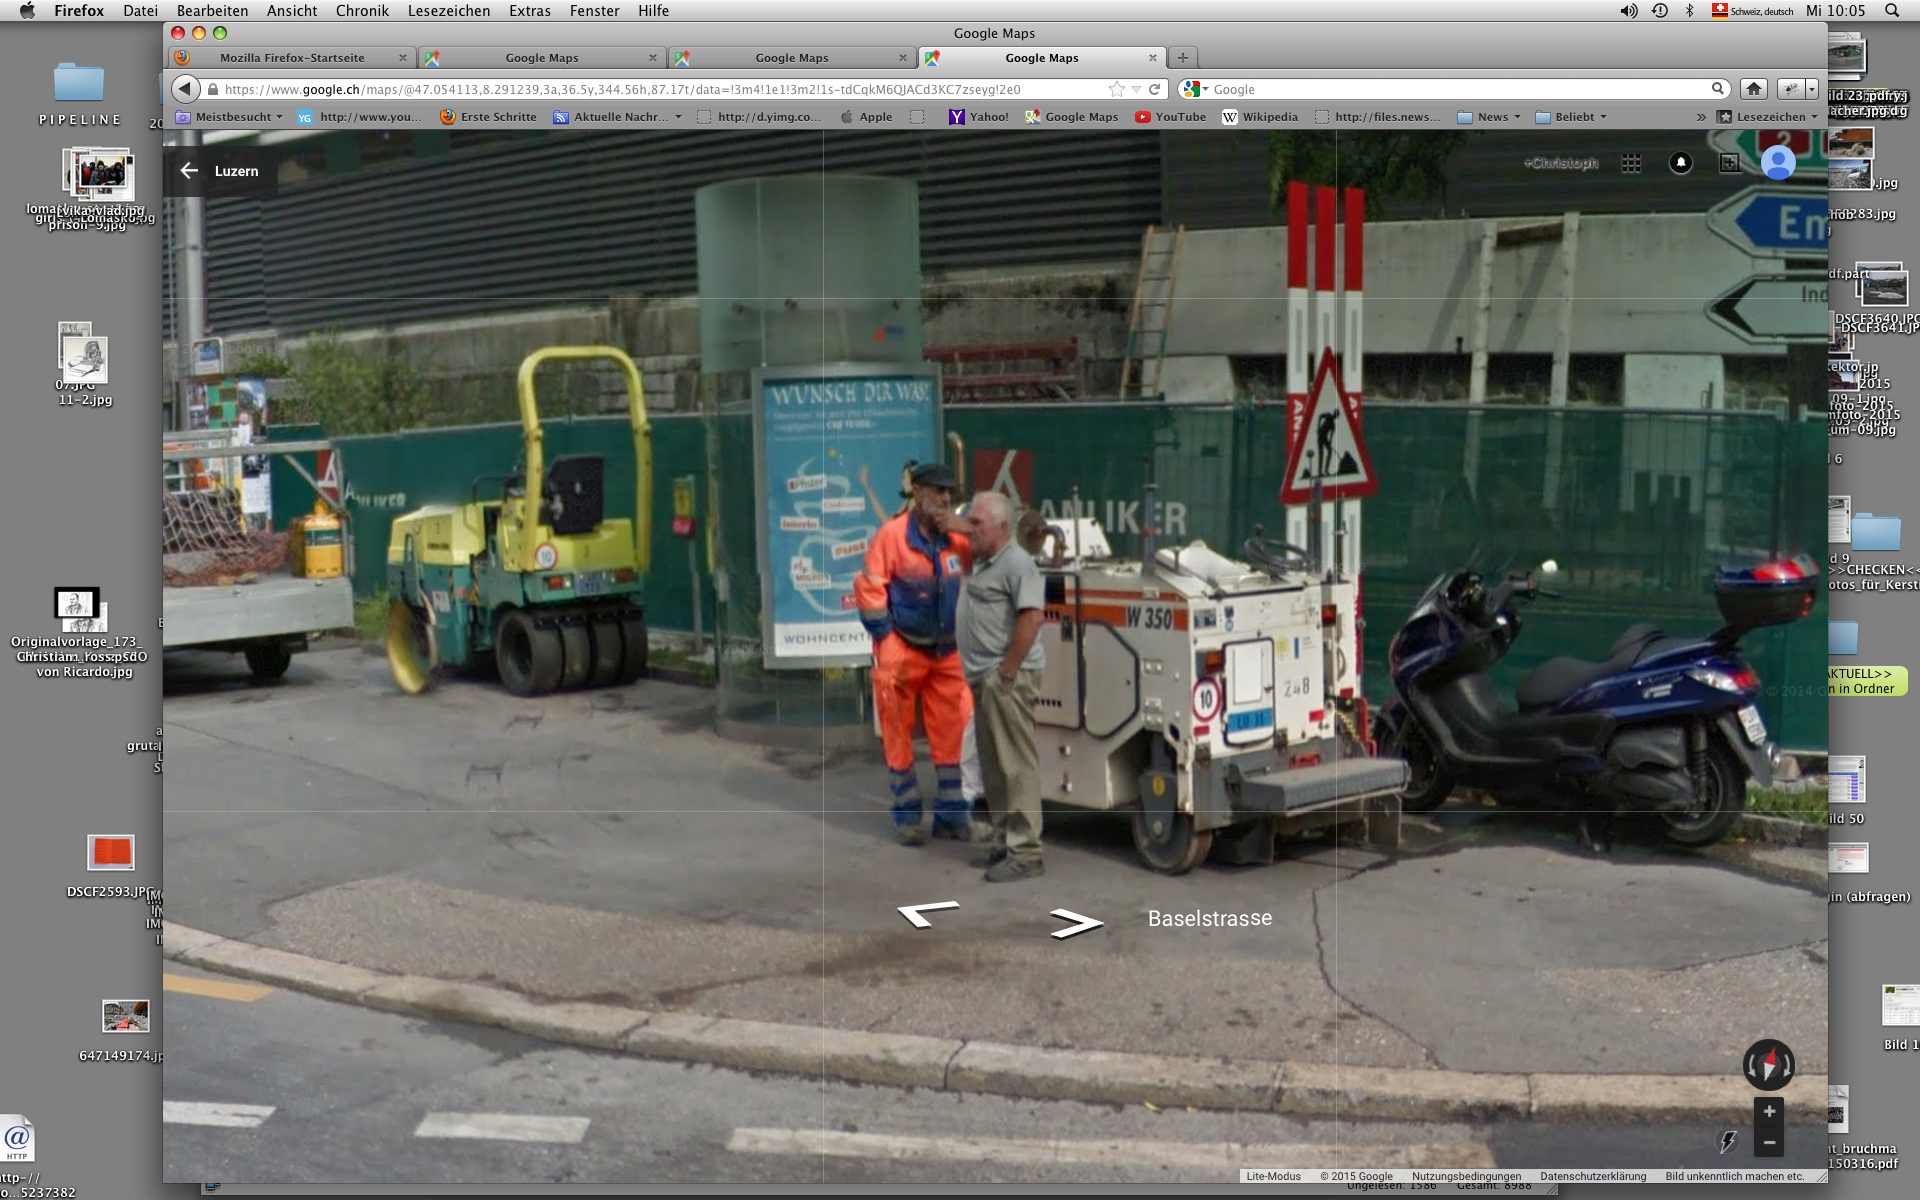 Im Basel-/Bernstrasse-Quartier BaBeL läuft immer etwas und Heinz Gilli war am ehemaligen Arbeitsort mit allen per Du.